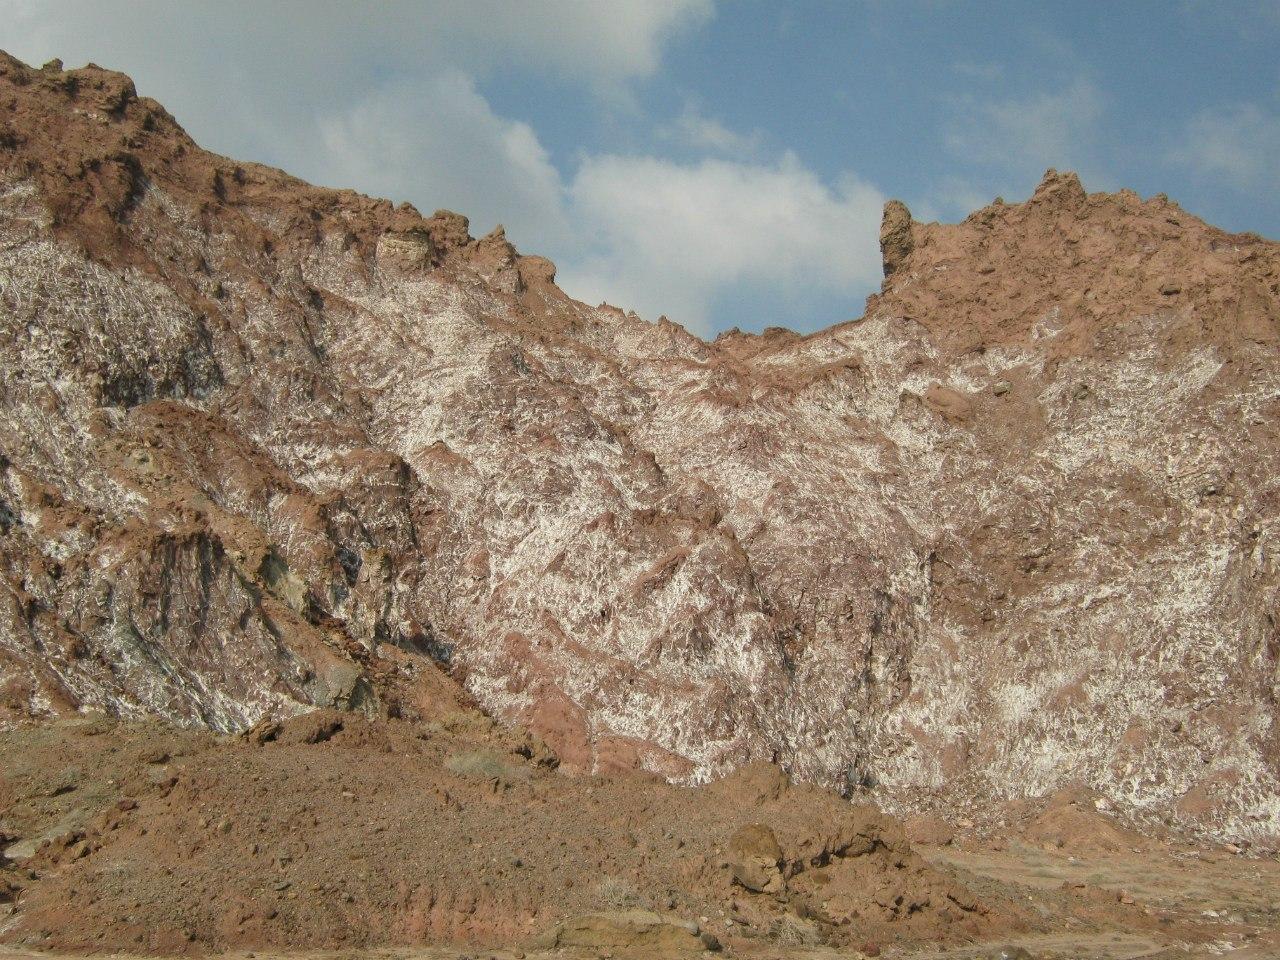 отложения соли на склонах горы провинции Хормозган